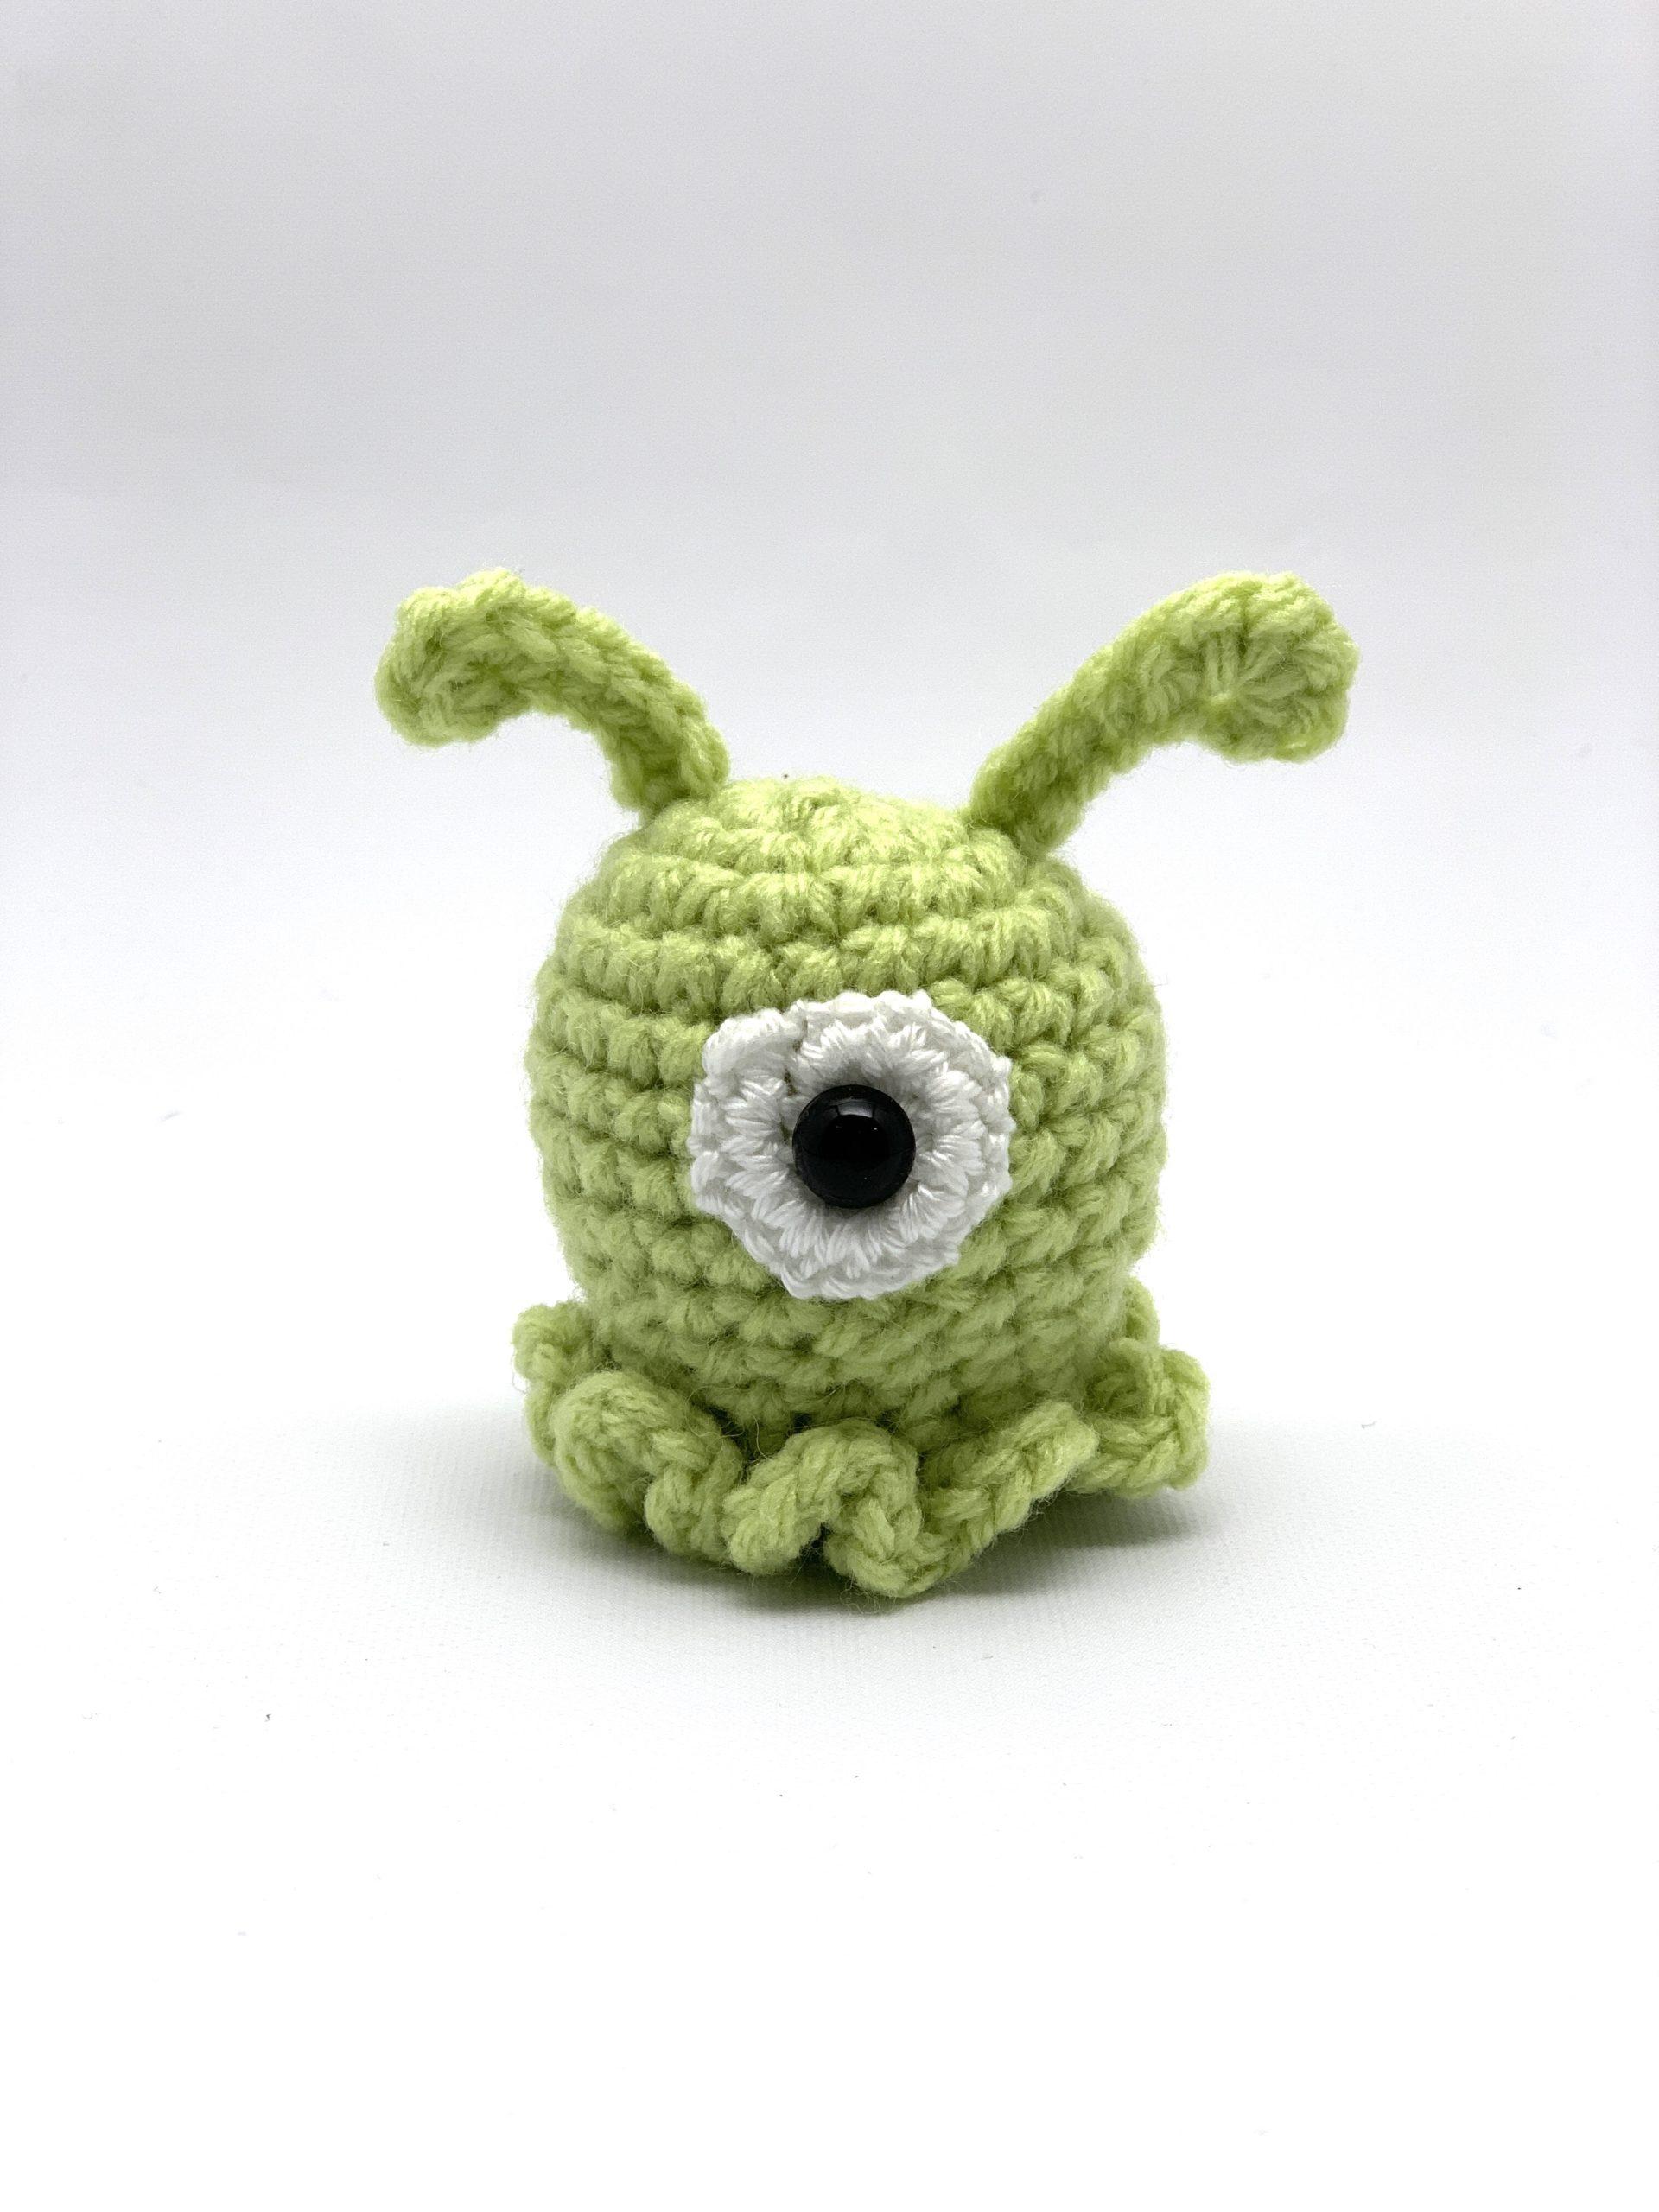 Alien Buddy free crochet pattern